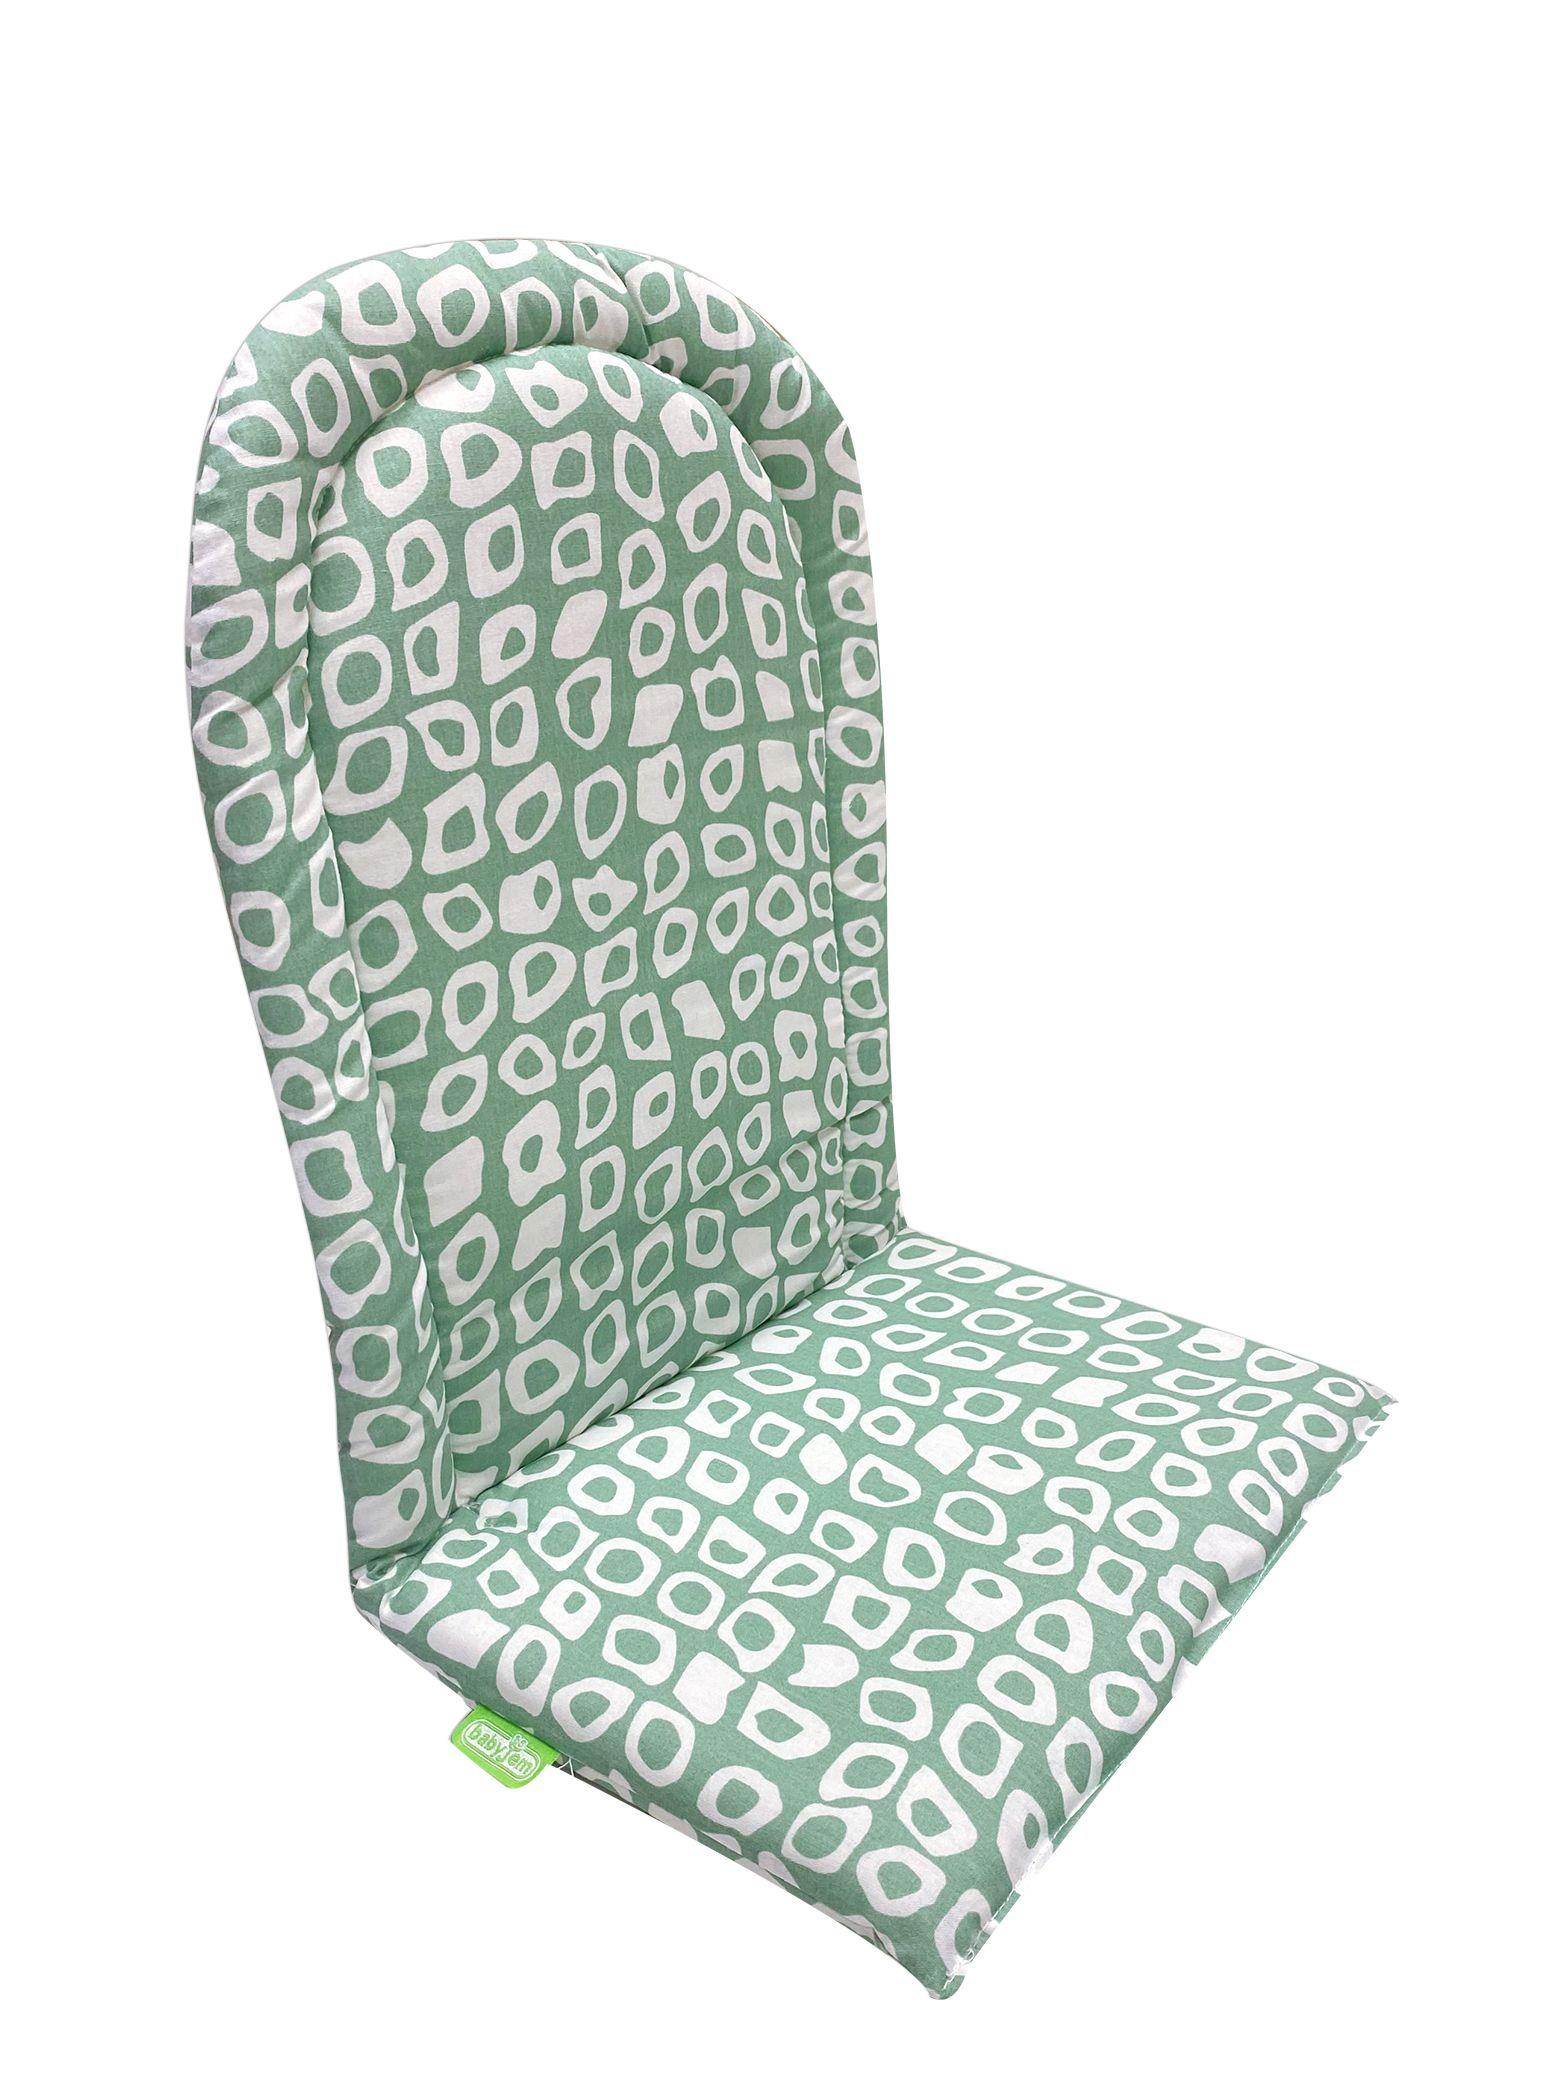 Babyjem Mama Sandalyesi Minderi Yeşil Kareli